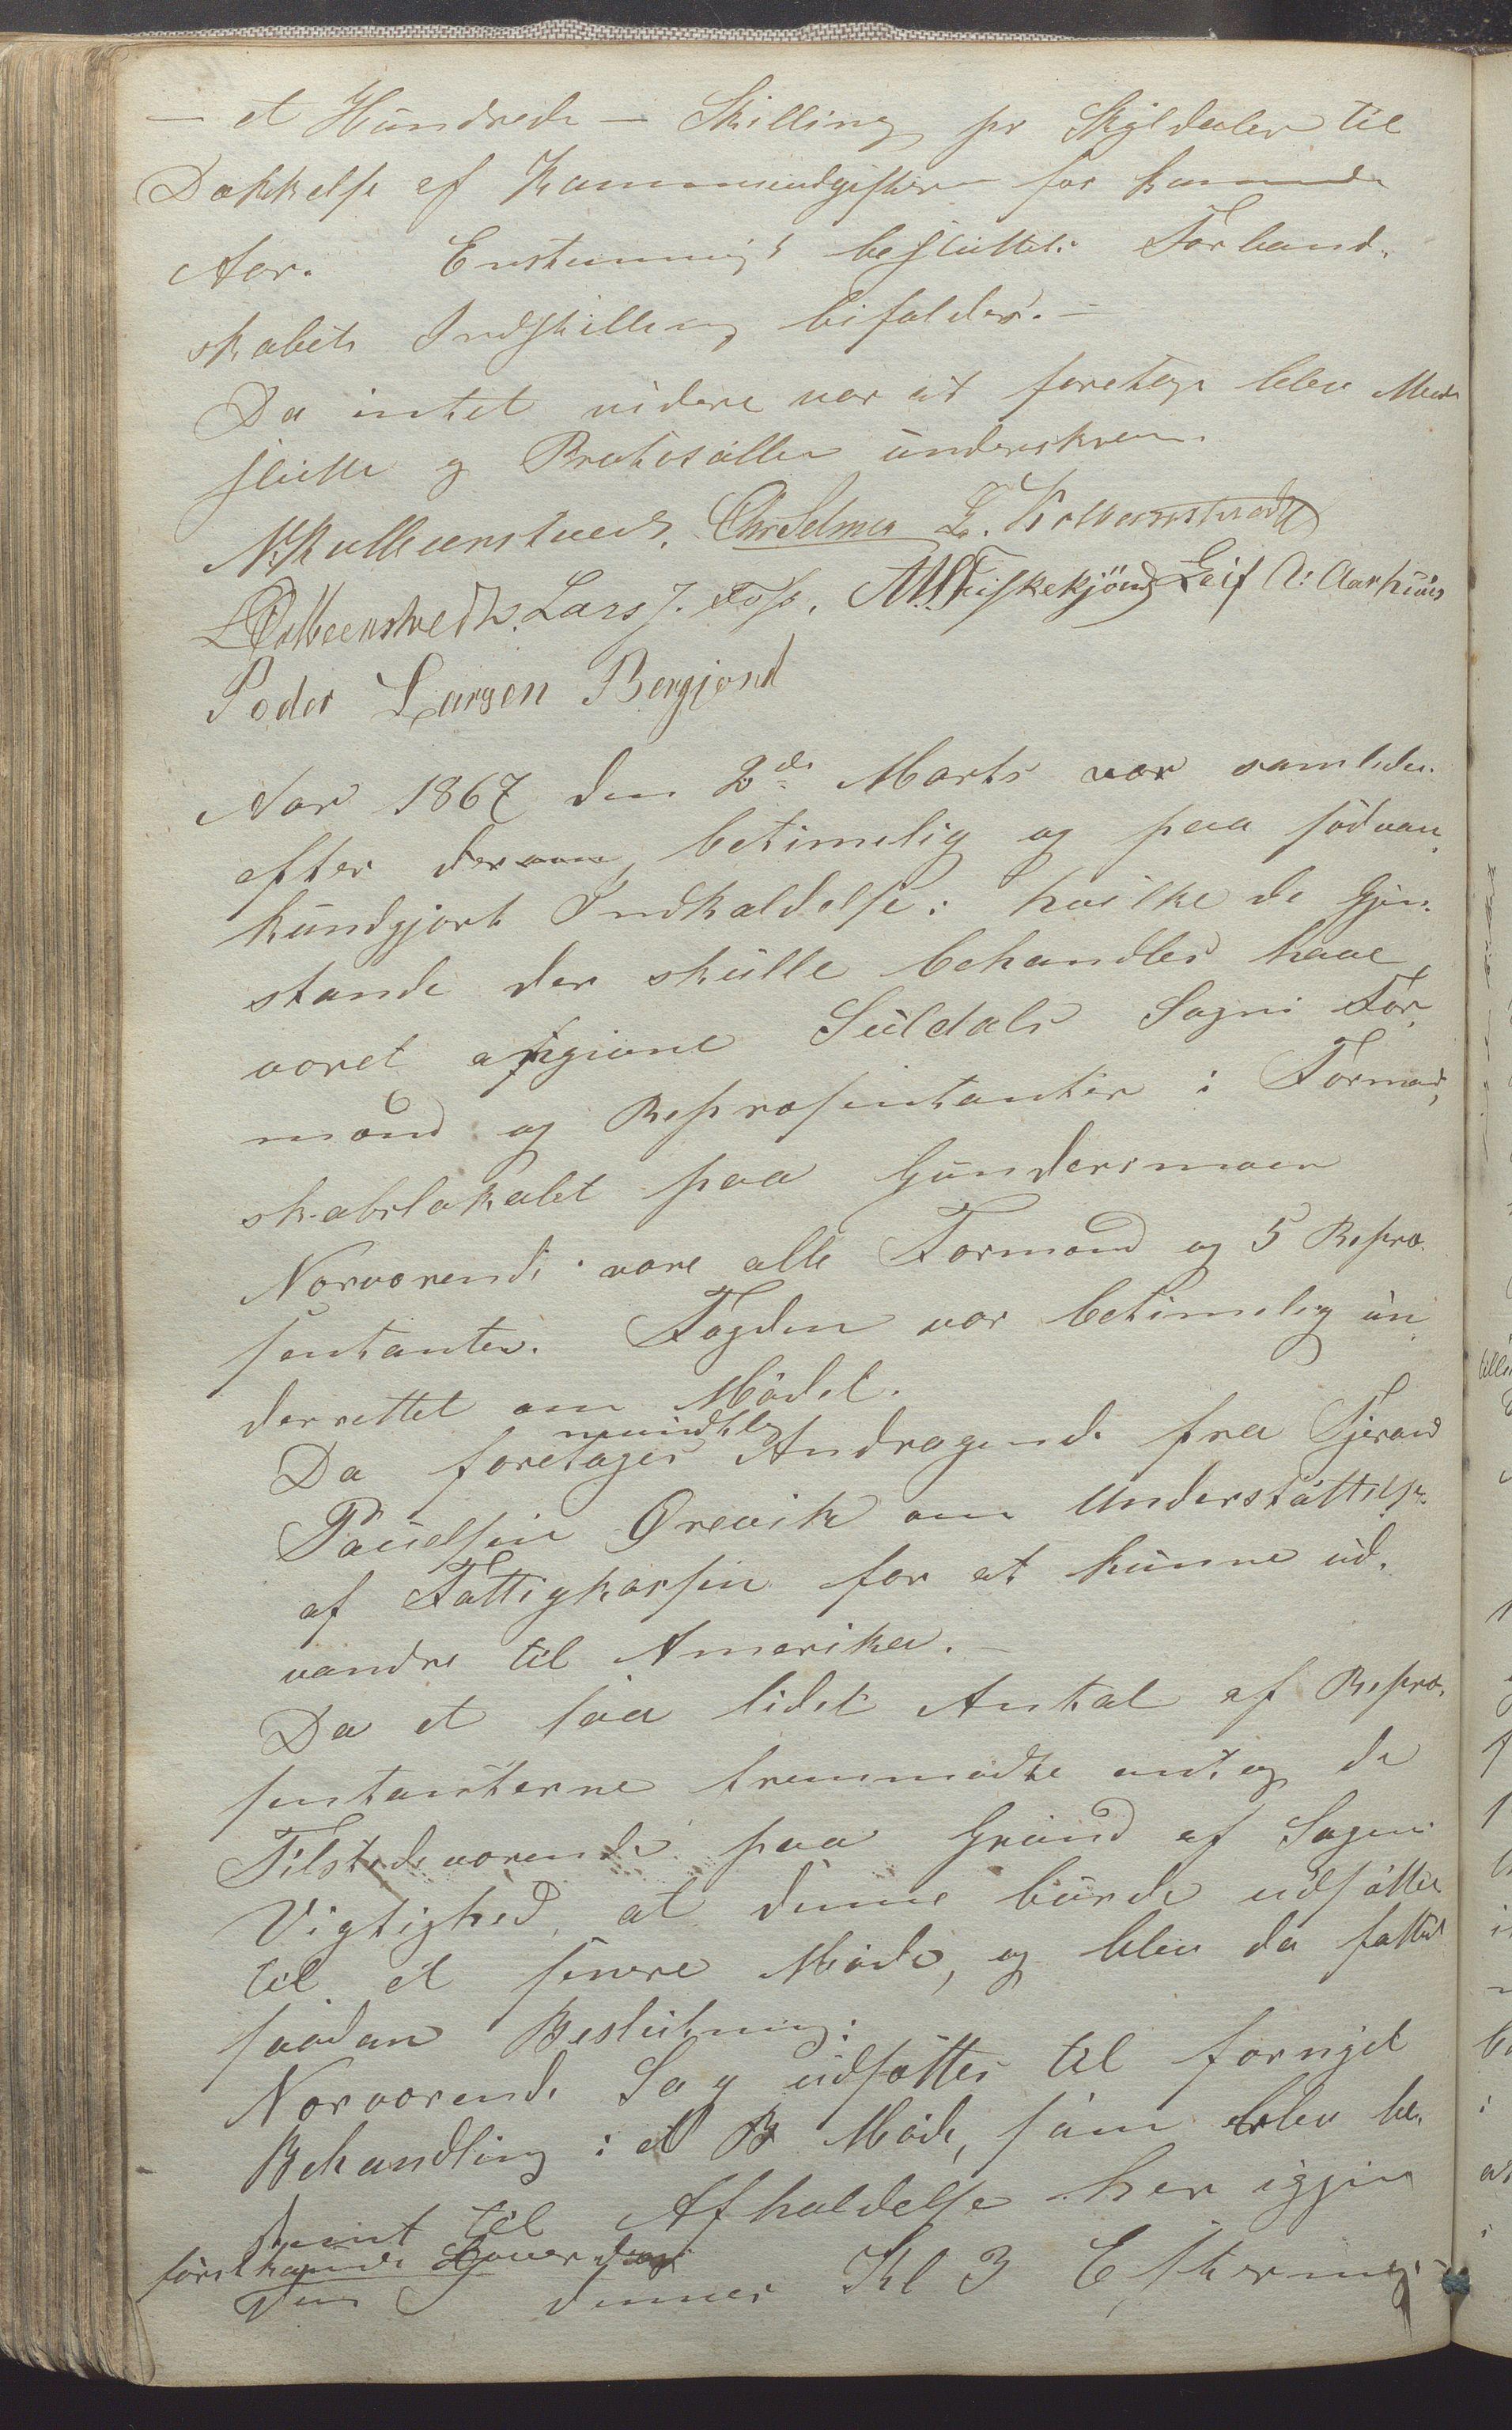 IKAR, Suldal kommune - Formannskapet/Rådmannen, A/Aa/L0001: Møtebok, 1837-1876, s. 160b